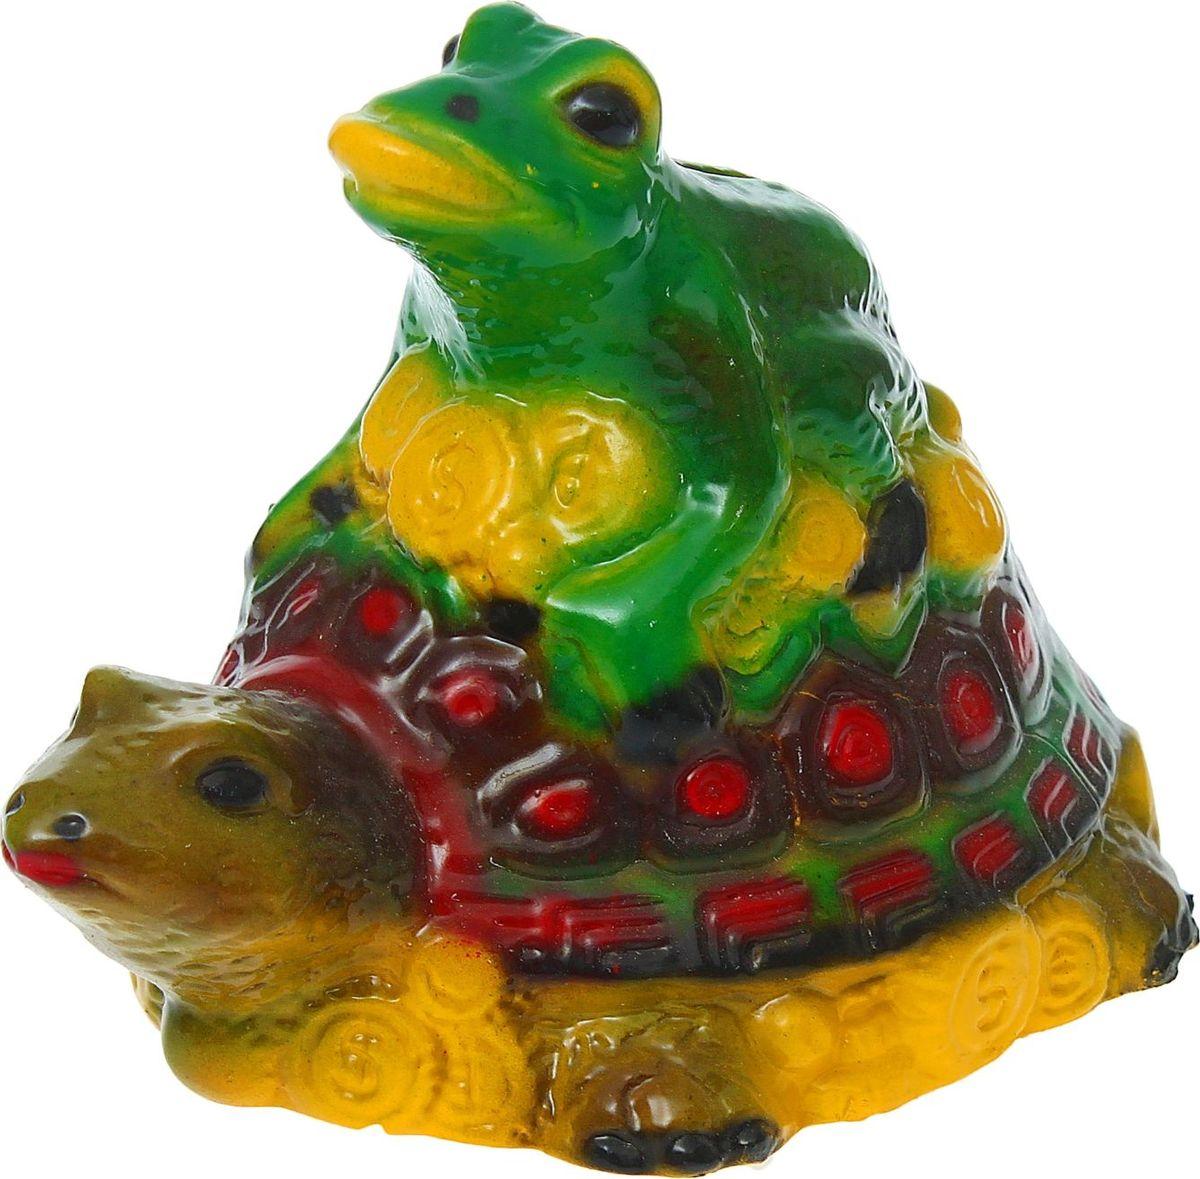 """Хотите накопить на свою заветную мечту? С помощью копилки Керамика ручной работы """"Жаба на черепахе"""" вы сможете сделать это без удара по бюджету! Трёхлапая жаба с монеткой во рту является очень сильным денежным талисманом, который приносит богатство, финансовую удачу и процветание. Иногда это животное используют как символ долголетия, потому что некоторые их виды живут до 40 лет.Согласно фэн-шуй, копилки с деньгами целесообразно хранить в западной или северо-западной частях помещения.Обращаем ваше внимание, что копилка является одноразовой."""